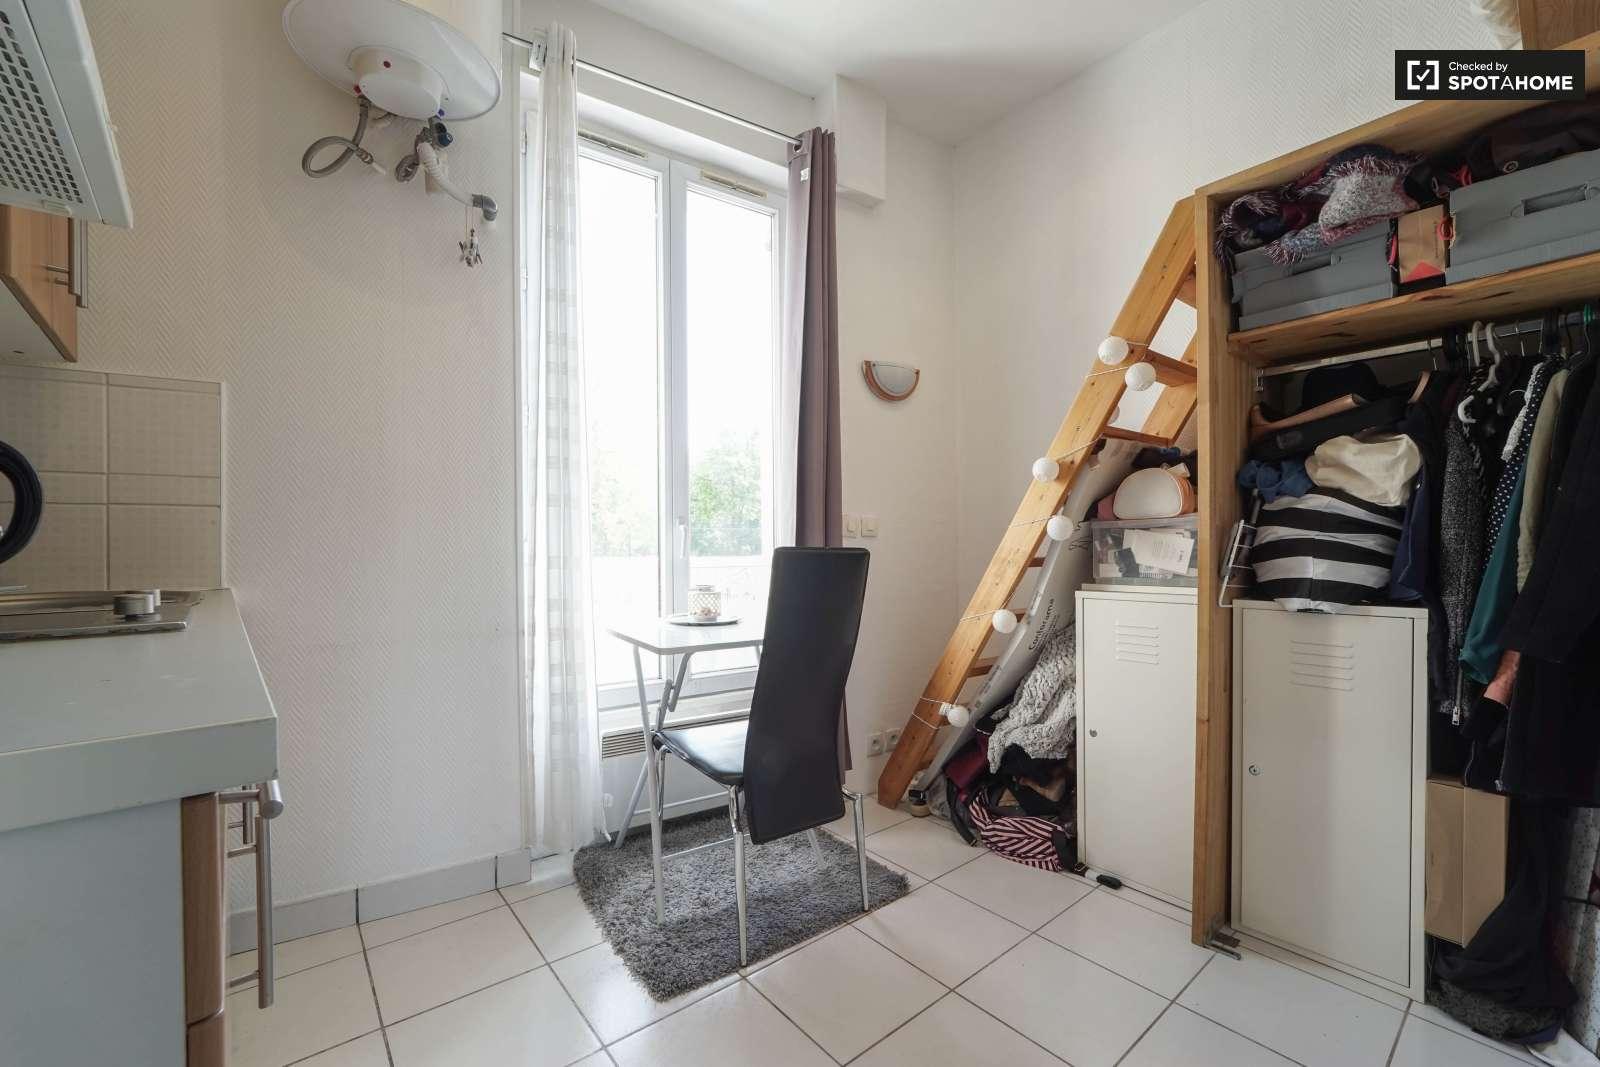 Studio Apartment For Rent In Arrondissement Paris Spotahome